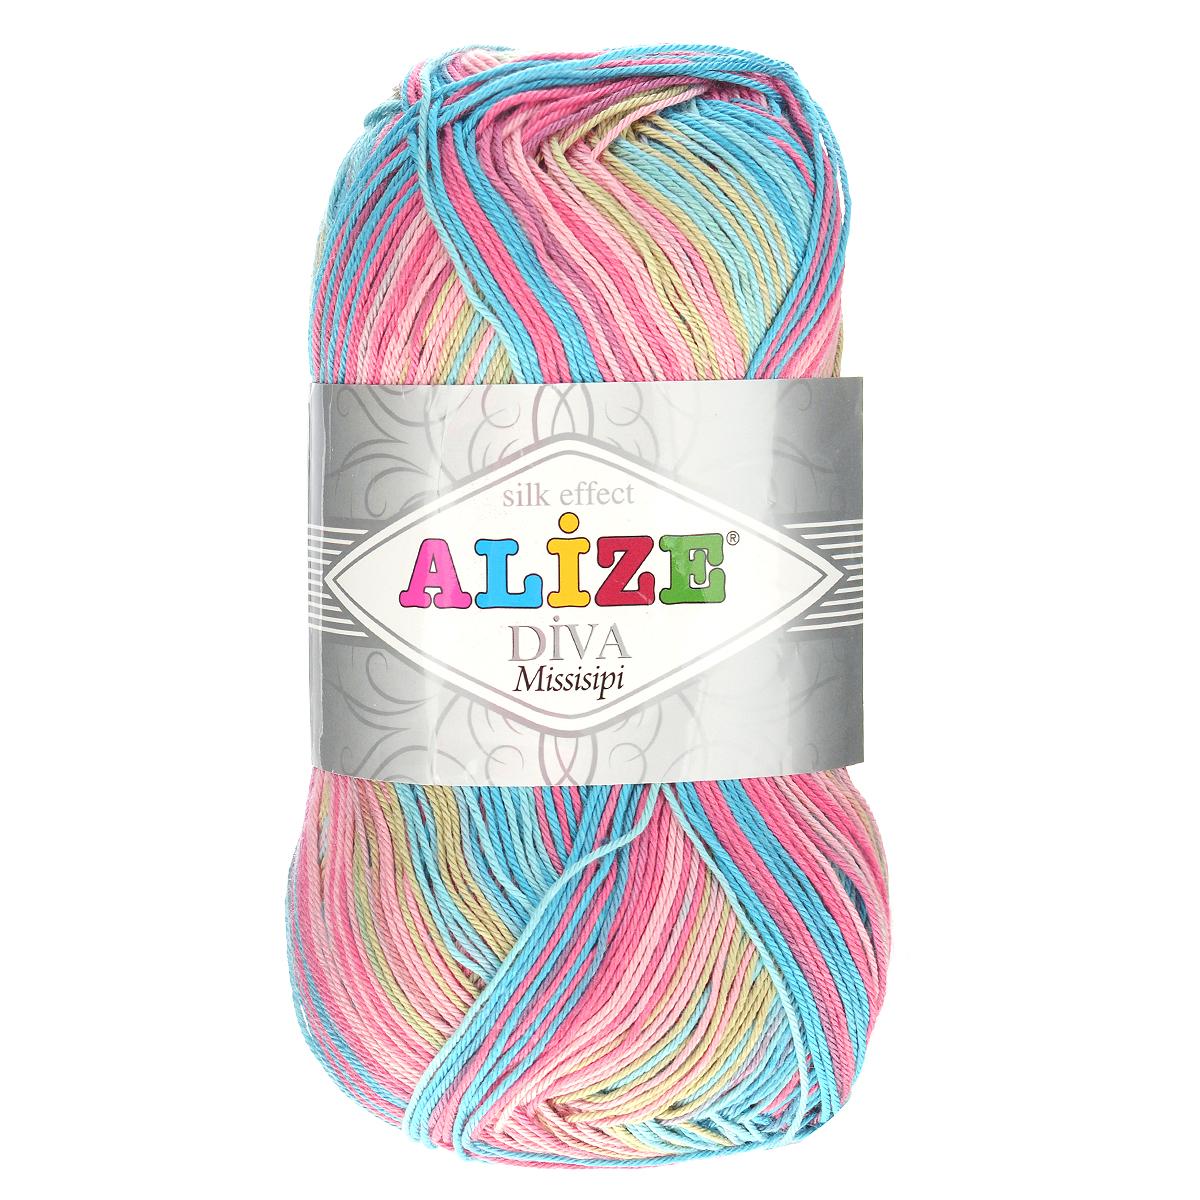 Пряжа для вязания Alize Diva. Missisipi, цвет: розовый, желтый, зеленый (4587), 350 м, 100 г, 5 шт367020_4587Пряжа для вязания Alize Diva. Missisipi- это тщательно обработанная акриловая пряжа, которая приобретает вид мерсеризованной нити с эффектом шелка. Пряжа обладает отличными свойствами: мягкая, воздухопроницаемая, прочная. Пряжа из микрофибры считается материалом нового поколения. Легкая шелковистая пряжа удлиненной секции окрашивания для весенних или летних вещей. Приятная на ощупь, гигроскопичная она подойдет для сарафанов, туник, платьев, легких костюмов, кофт, шалей и накидок. Пряжа не скатывается, не вызывает аллергию, не линяет и не оставляет ворсинок на другой одежде. Рекомендации по уходу: деликатная ручная стирка при 30°С, не отжимать в стиральной машине, не отбеливать хлорсодержащими веществами. Глажение на минимальной температуре. Сушите на горизонтальной поверхности: предварительно придав изделию естественную форму. Рекомендованный размер спиц: №2,5-3,5. Рекомендованный размер крючка: №1-3.